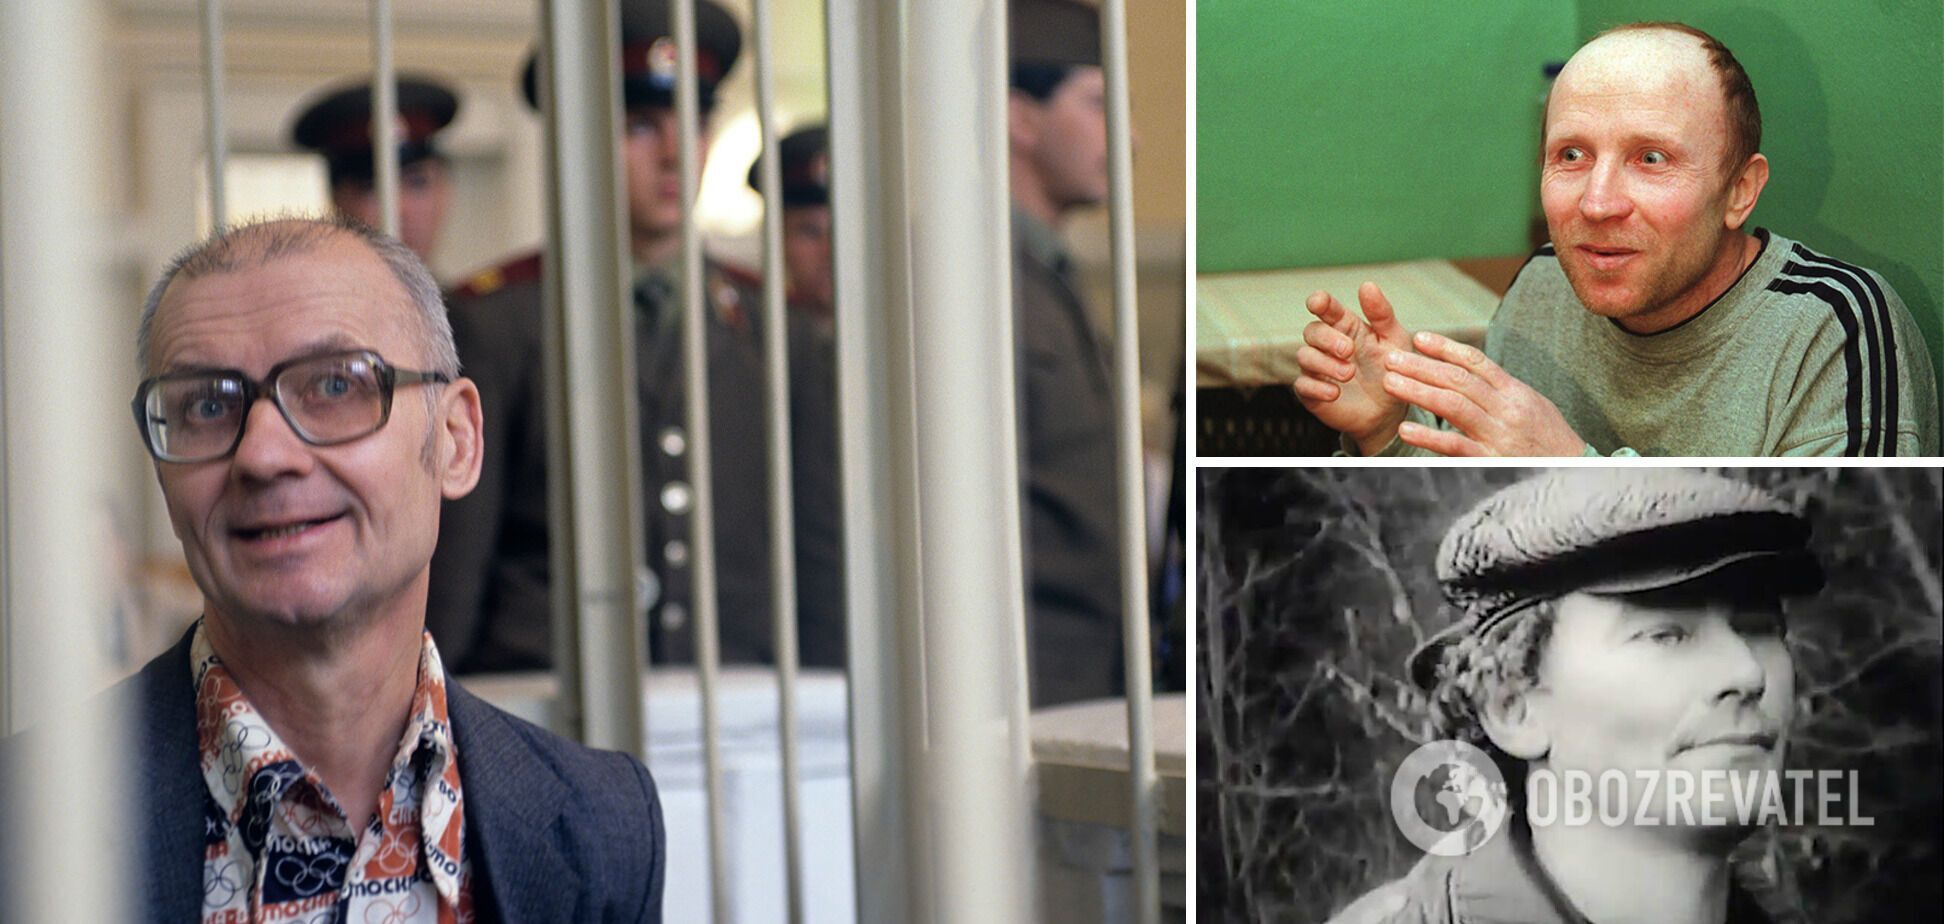 От 'Шахматного убийцы' до 'Украинского зверя': поговорим о маньяках